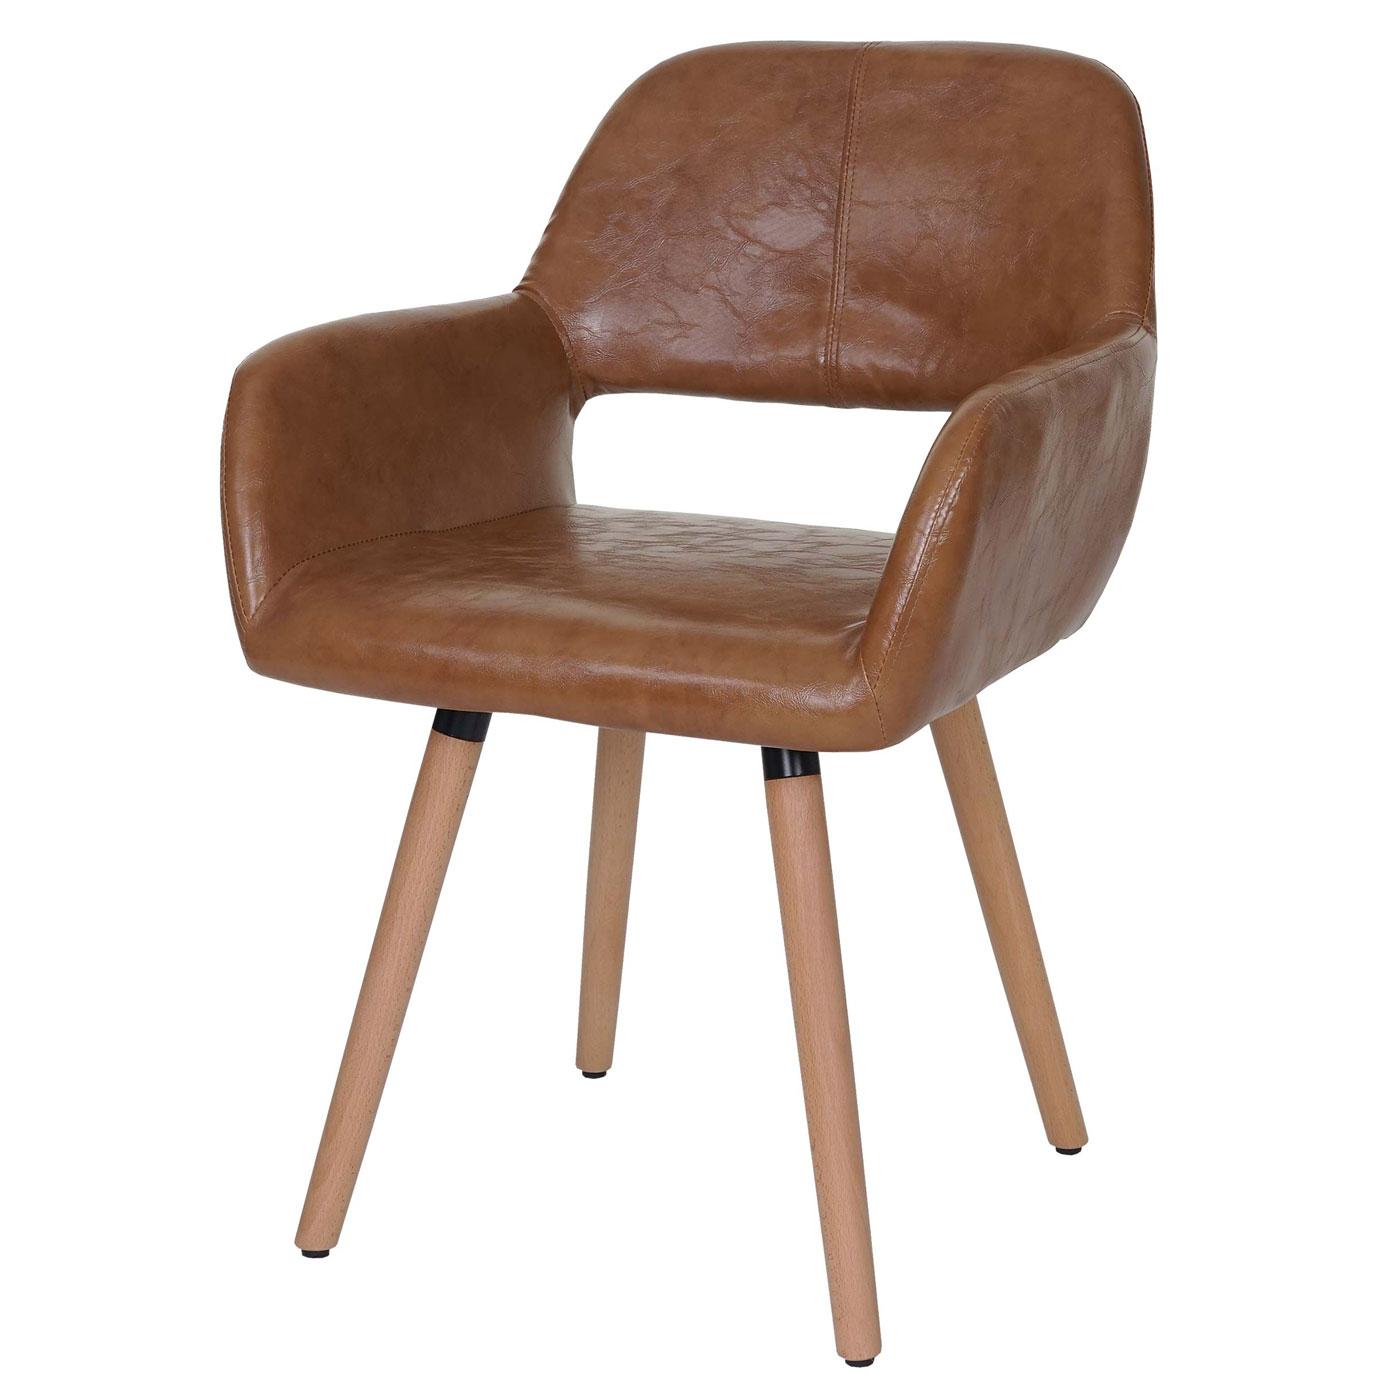 esszimmerstuhl dohna ii stuhl lehnstuhl retro kunstleder wildleder look ebay. Black Bedroom Furniture Sets. Home Design Ideas